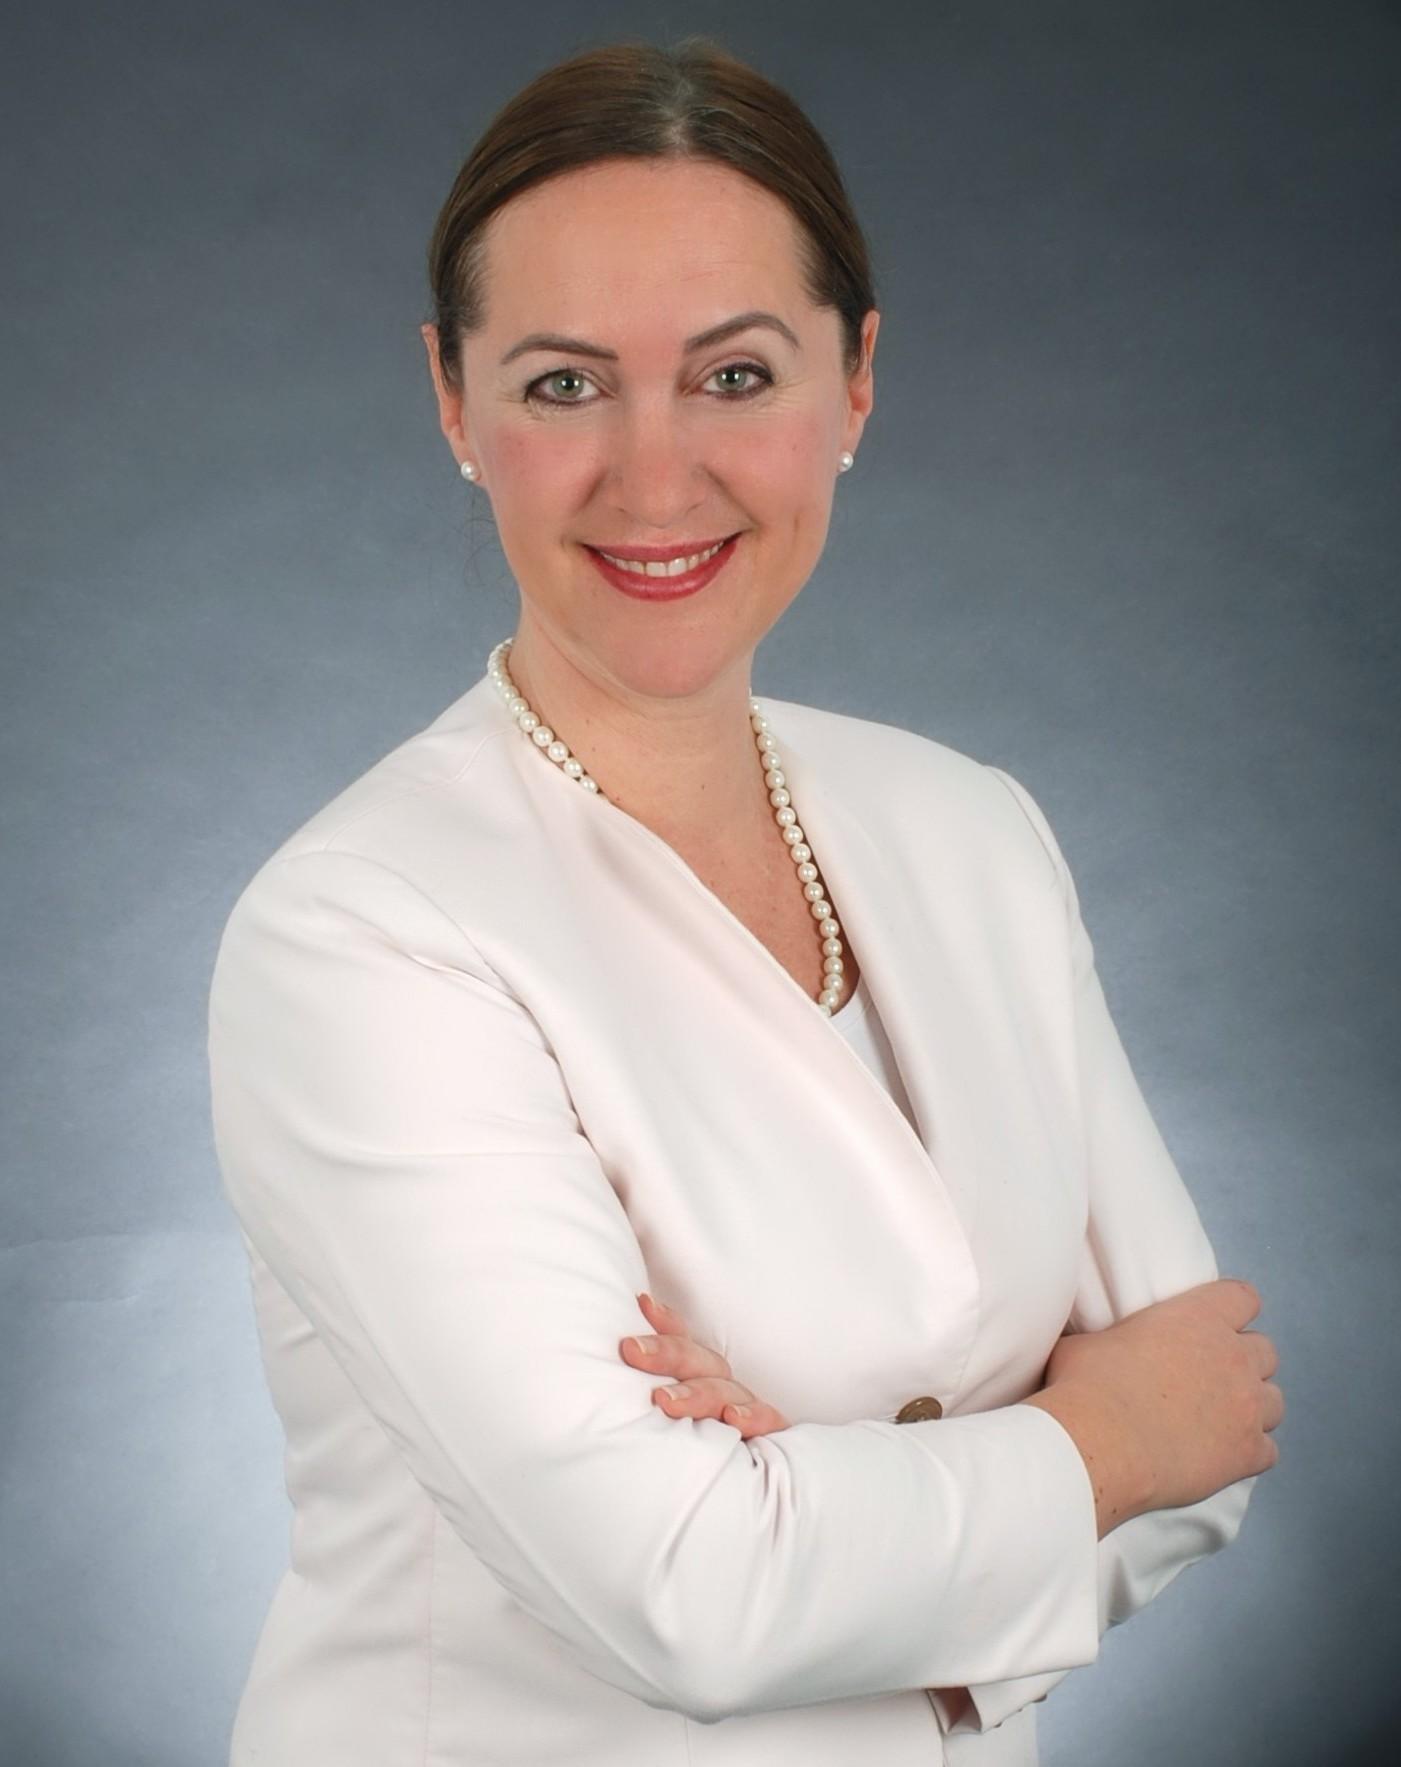 Marilyn Heib